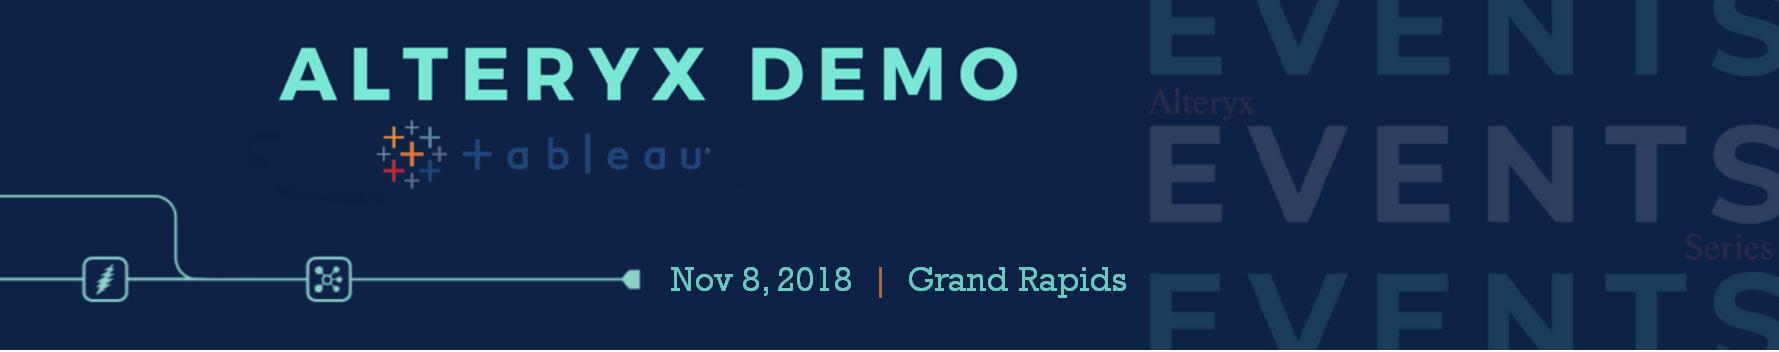 Alteryx + Tableau Demo Event